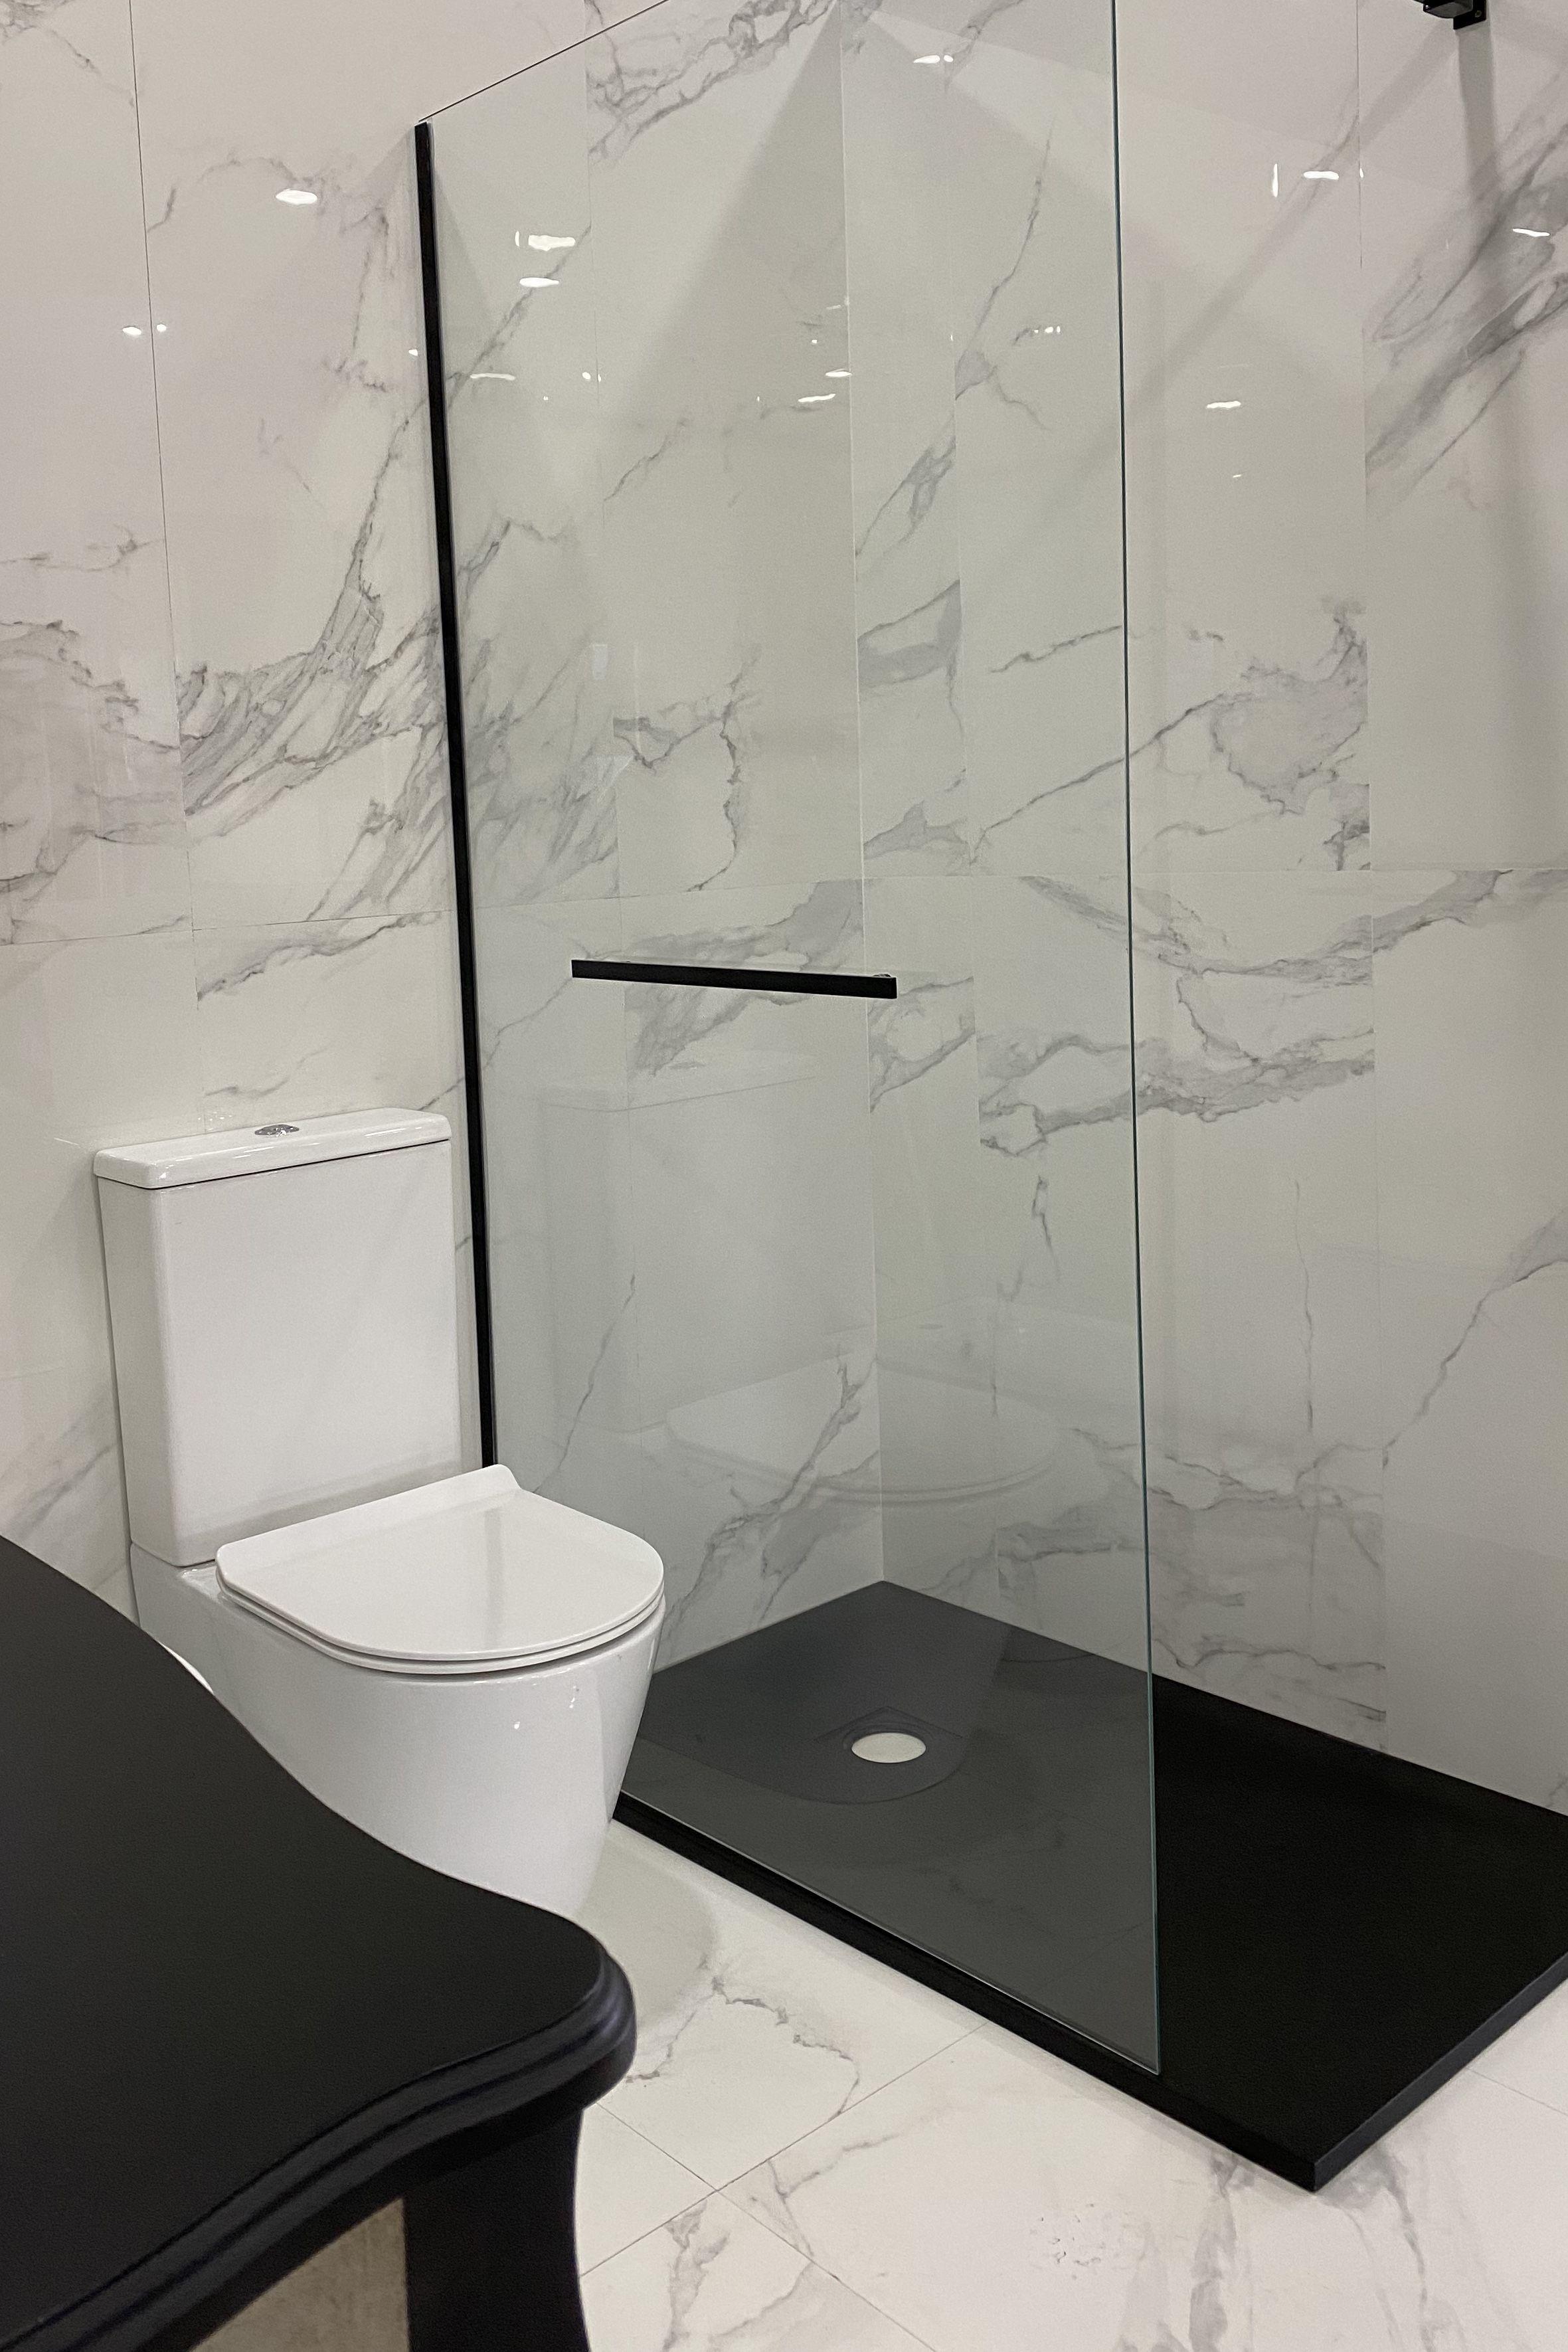 Baño imitación mármol en 2020 | Baño con azulejos, Marmol ...